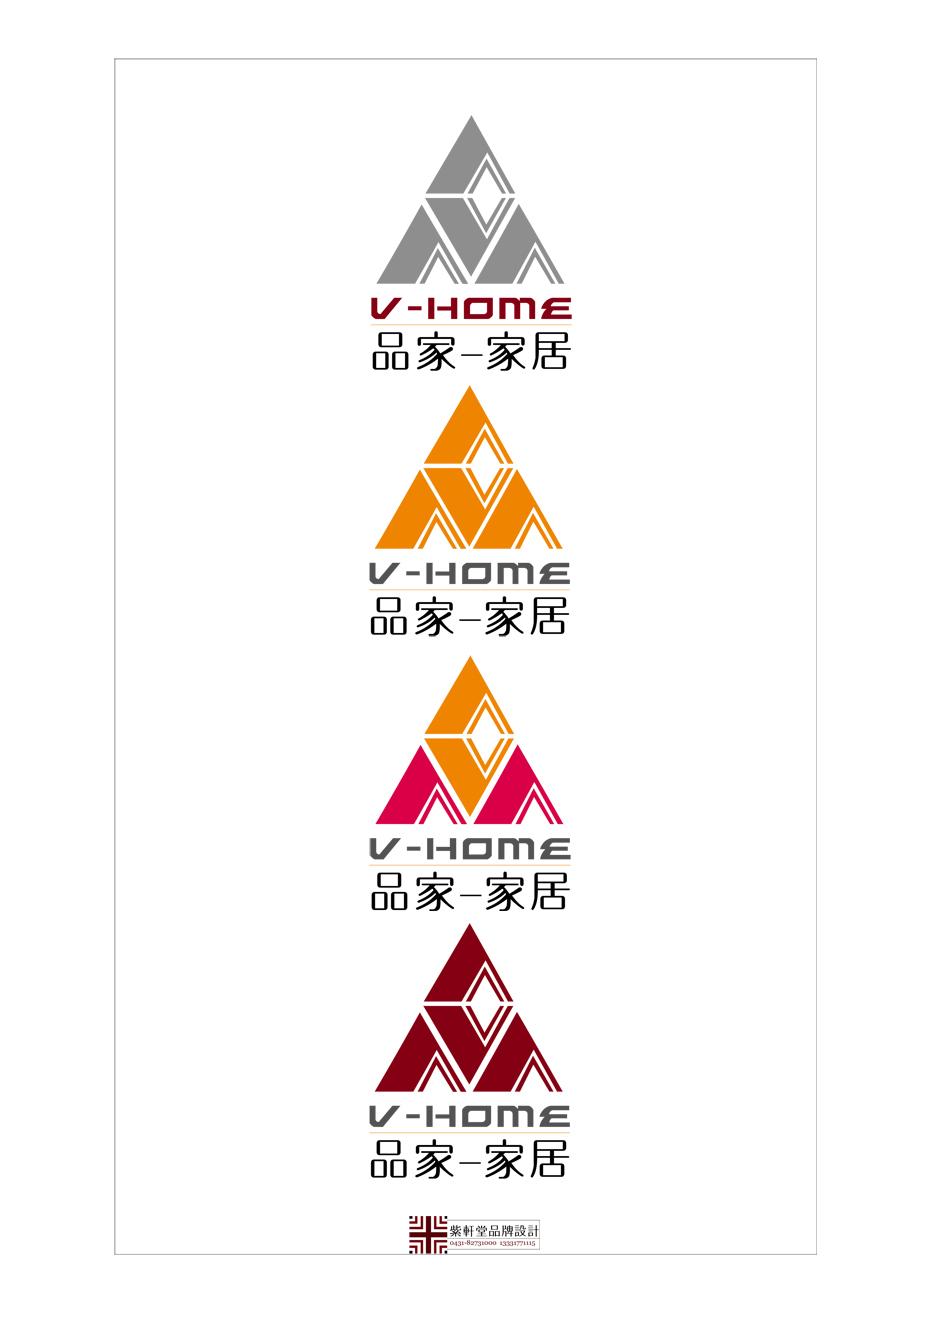 智能家居产品logo设计图片